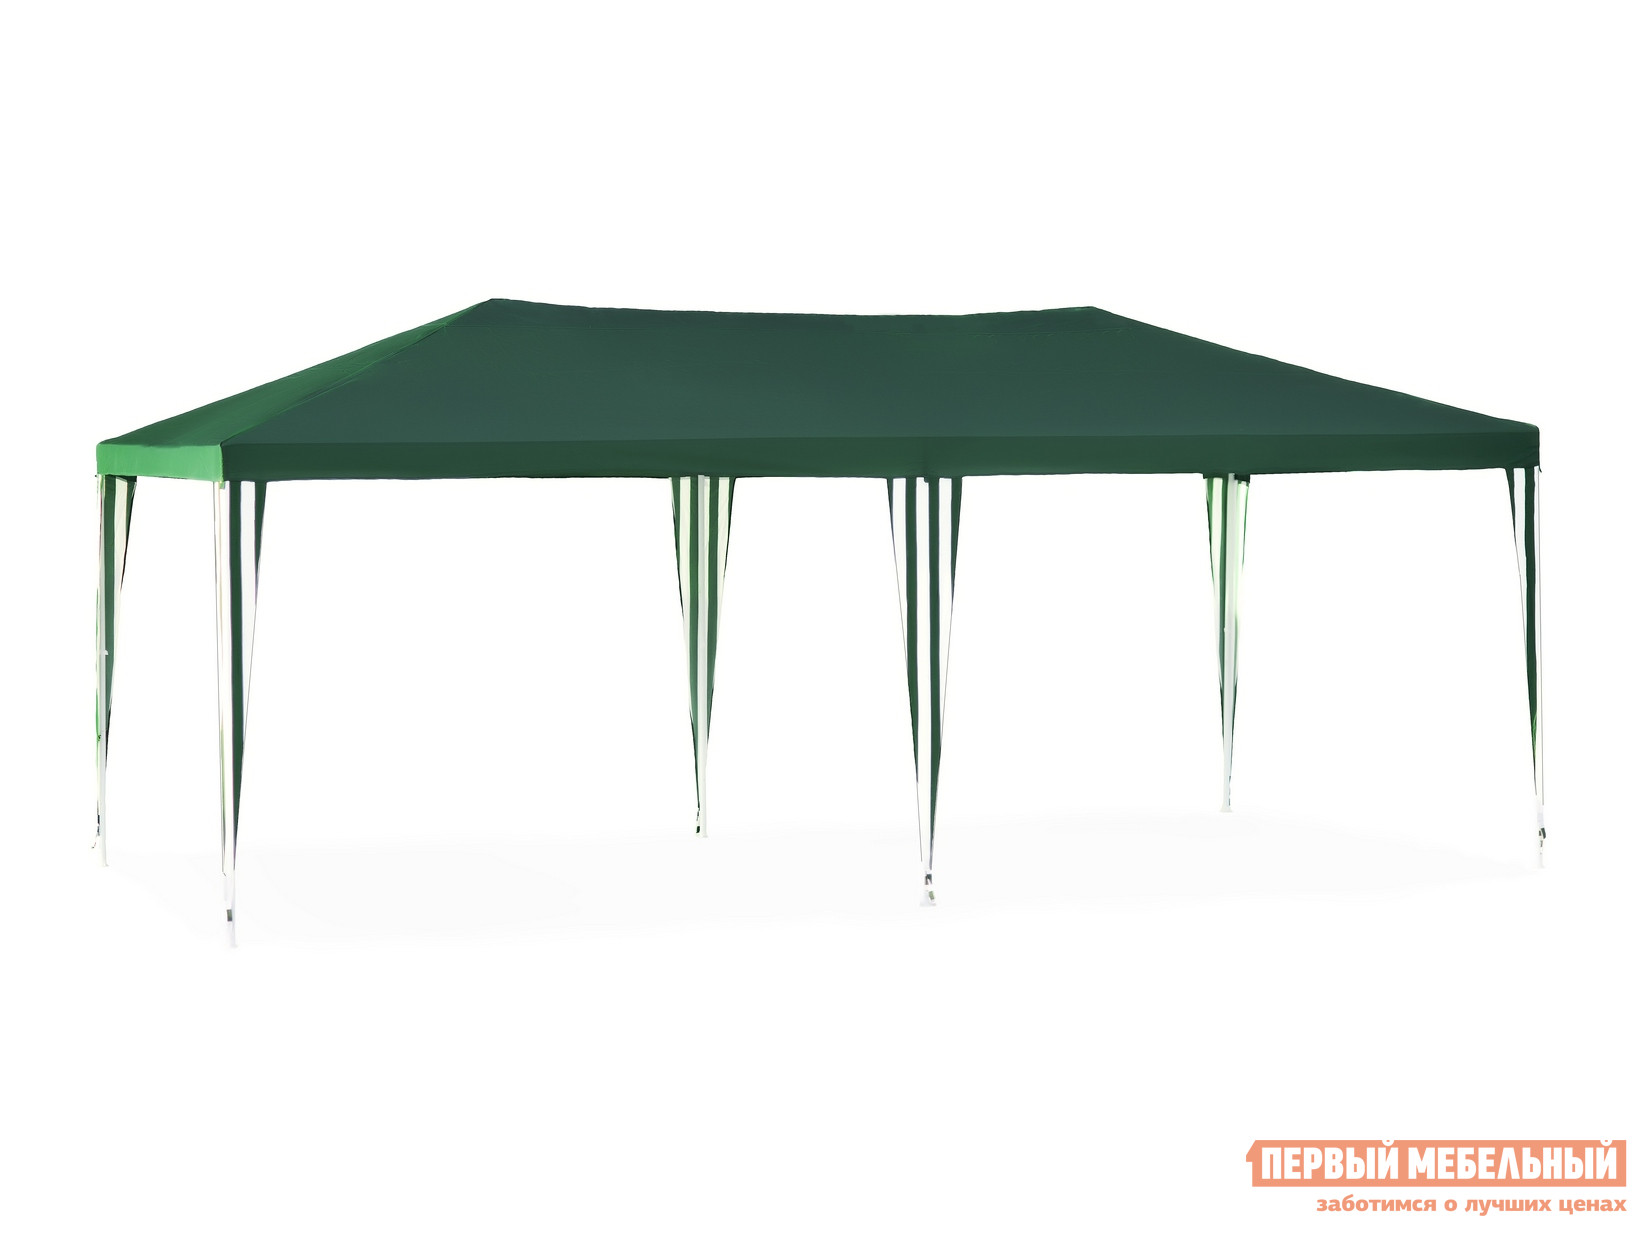 купить Складной шатер для дачи 6х3 Лекс групп Green Glade 1057 по цене 8250 рублей